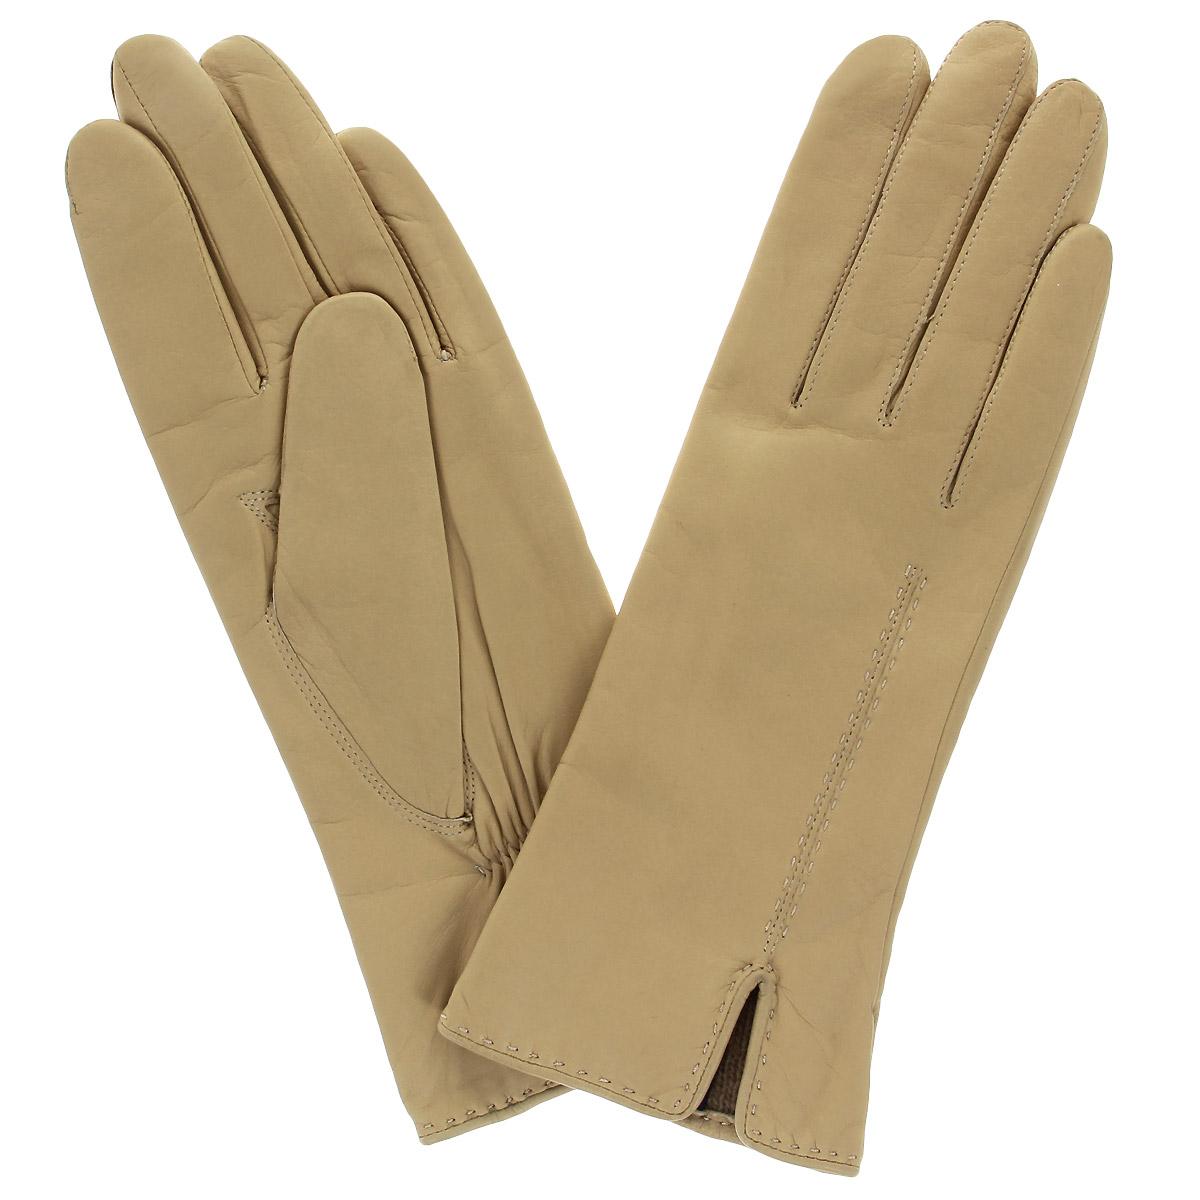 Перчатки13_ALINA/MAGEСтильные перчатки Dali Exclusive с подкладкой из шерсти выполнены из мягкой и приятной на ощупь натуральной кожи ягненка. Лицевая сторона перчатки оформлена декоративным швом и дополнена небольшим разрезом. Такие перчатки подчеркнут ваш стиль и неповторимость и придадут всему образу нотки женственности и элегантности.